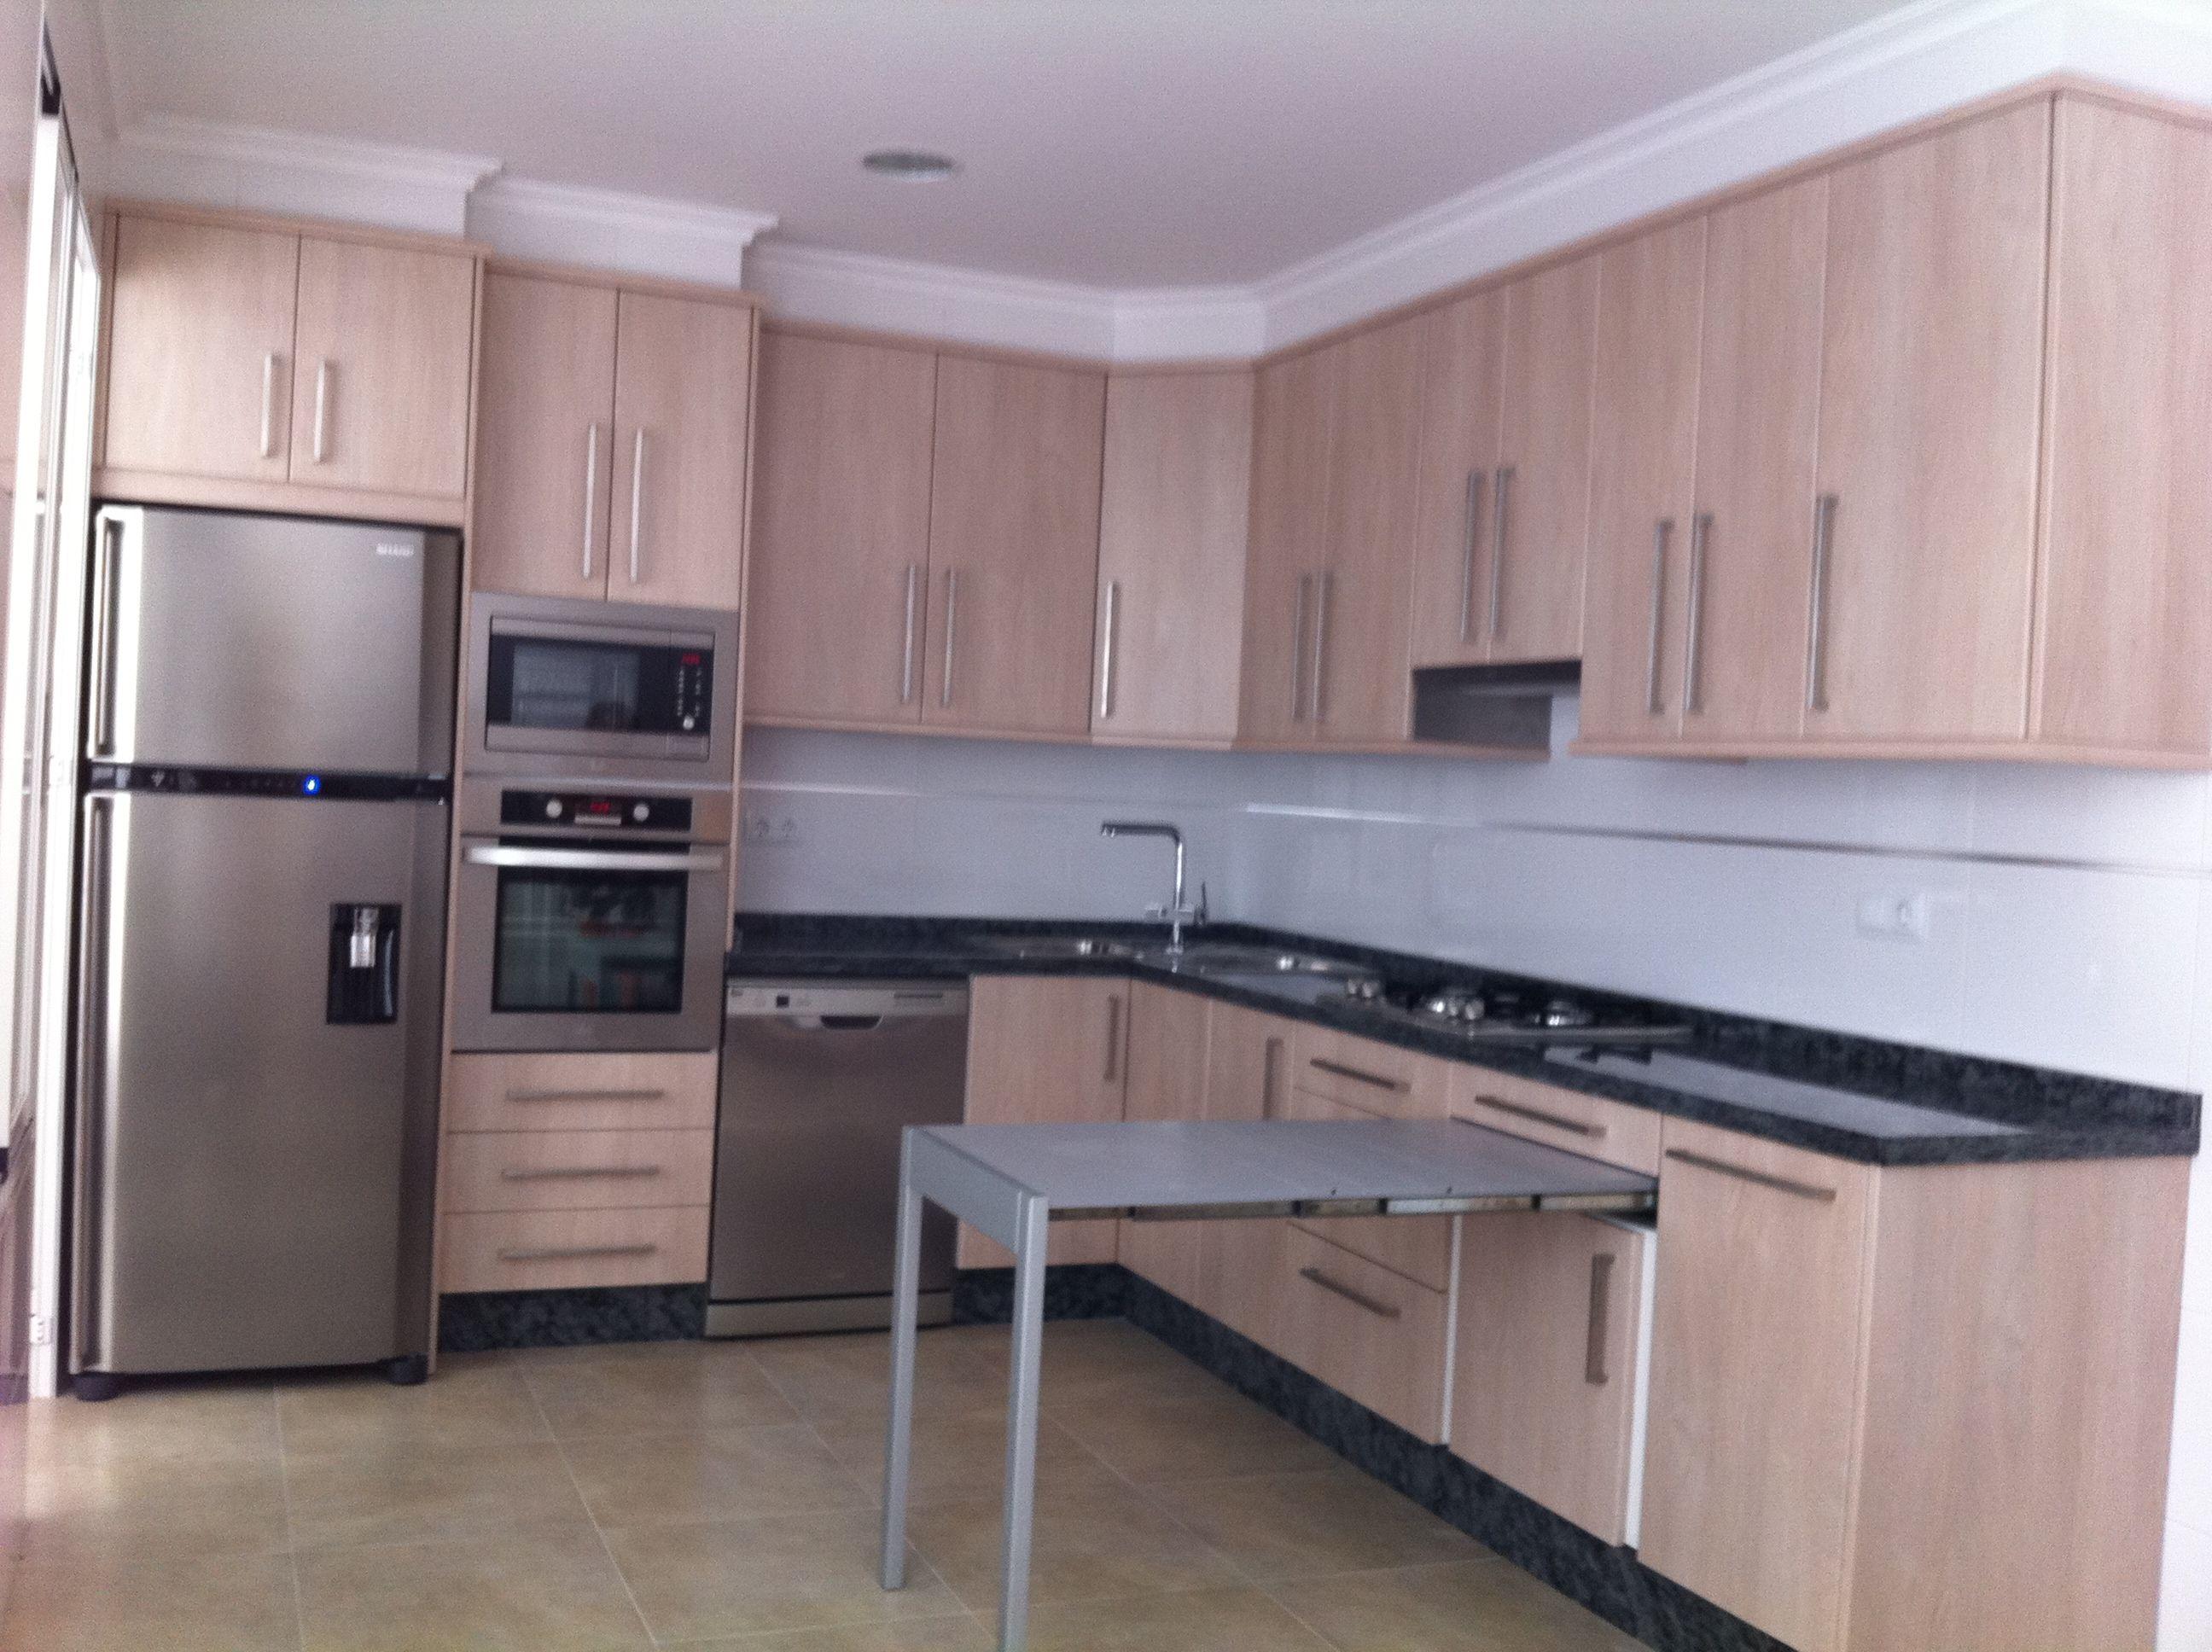 Muebles de cocina cat logo de cerrajer a y puertas nicol s - Mesa extraible cocina ...